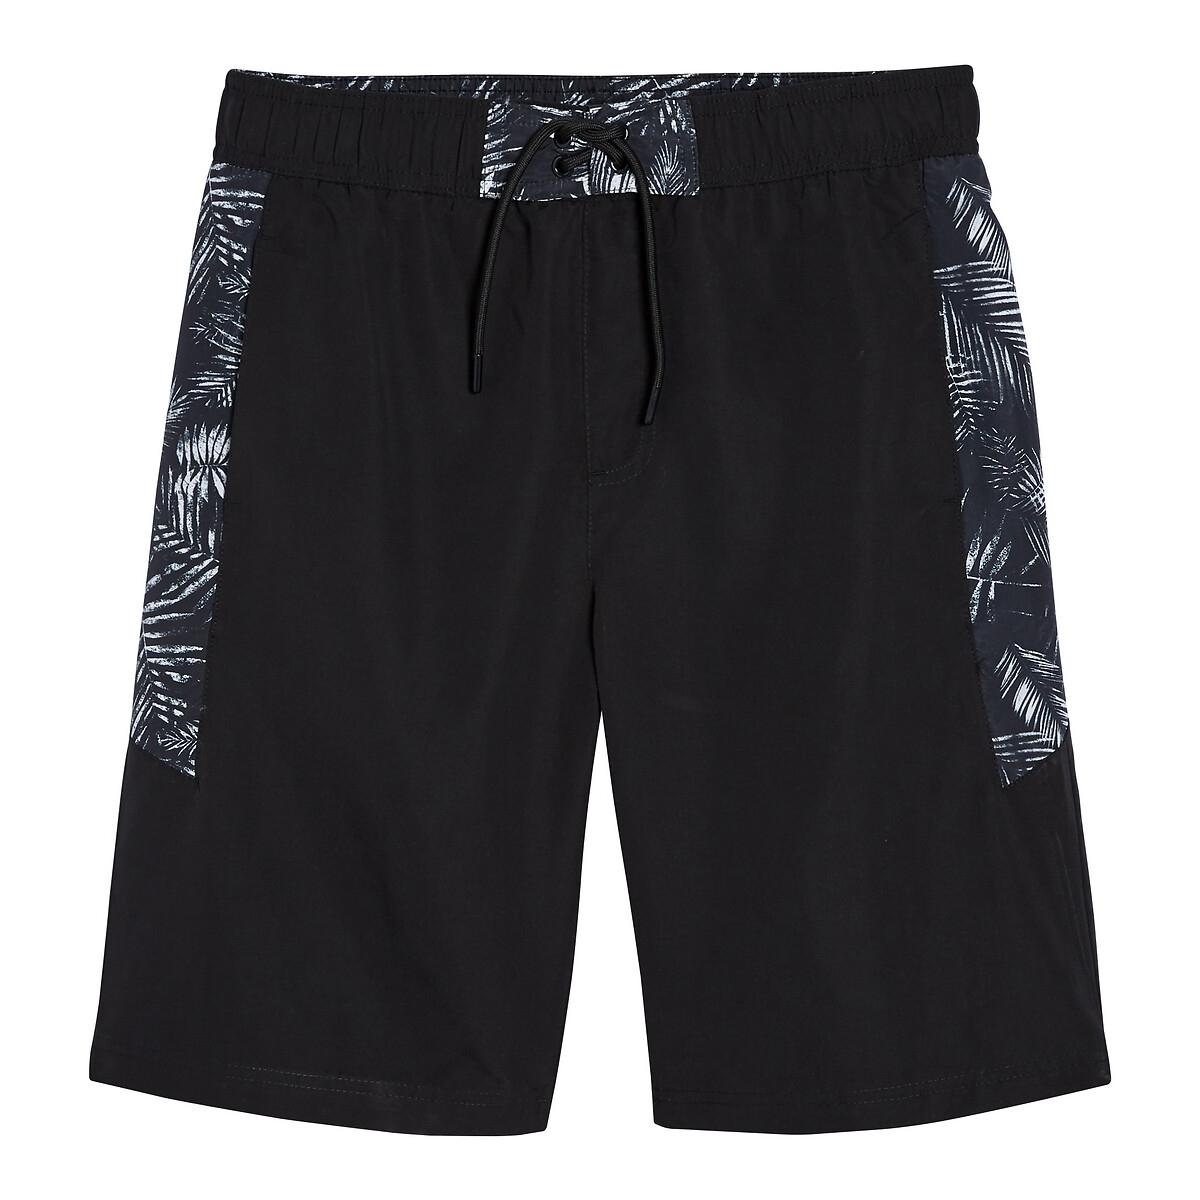 Шорты La Redoute Пляжные с рисунком 10 лет - 138 см черный шорты la redoute пляжные с рисунком 10 лет 138 см черный